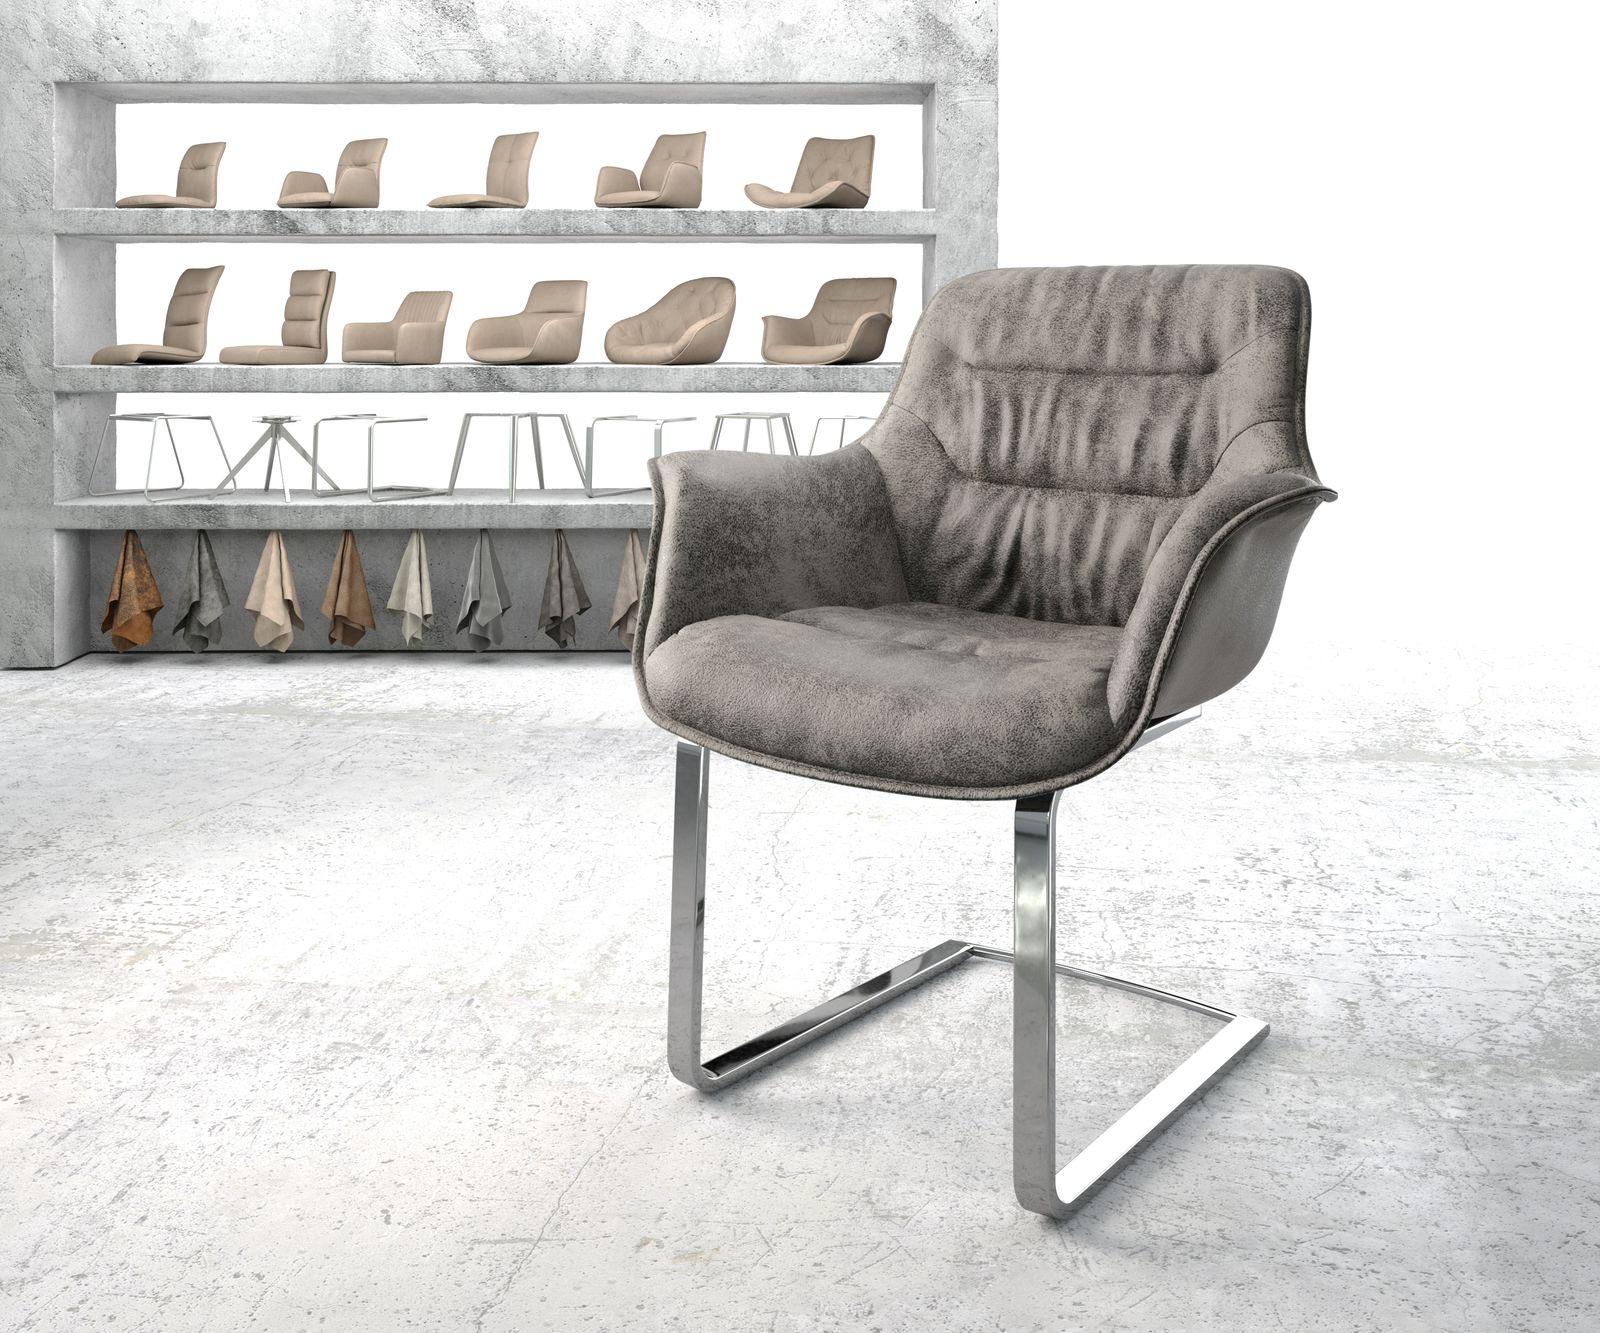 delife-armlehnstuhl-kaira-flex-grau-vintage-freischwinger-flach-verchromt-esszimmerstuhle